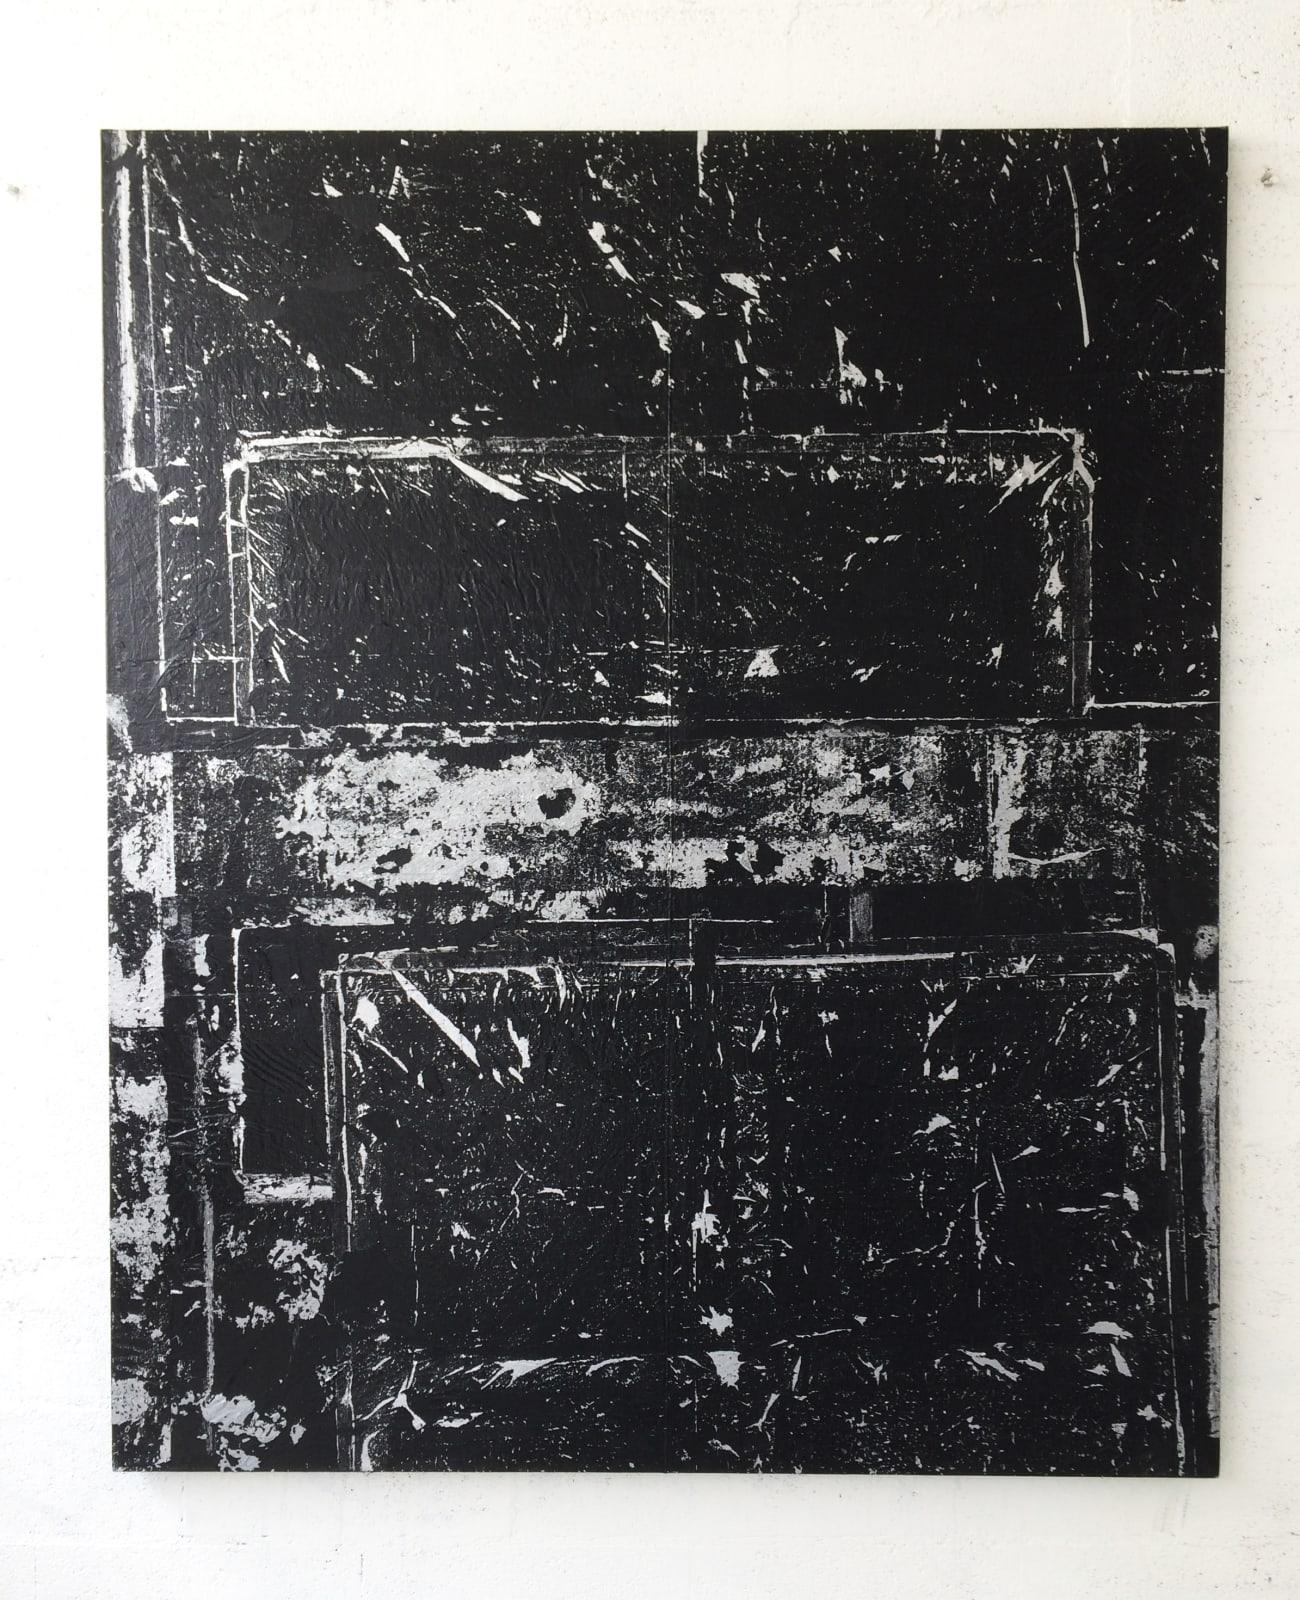 Édouard Prulhière Sans titre Peinture sur toile 195 x 162 cm